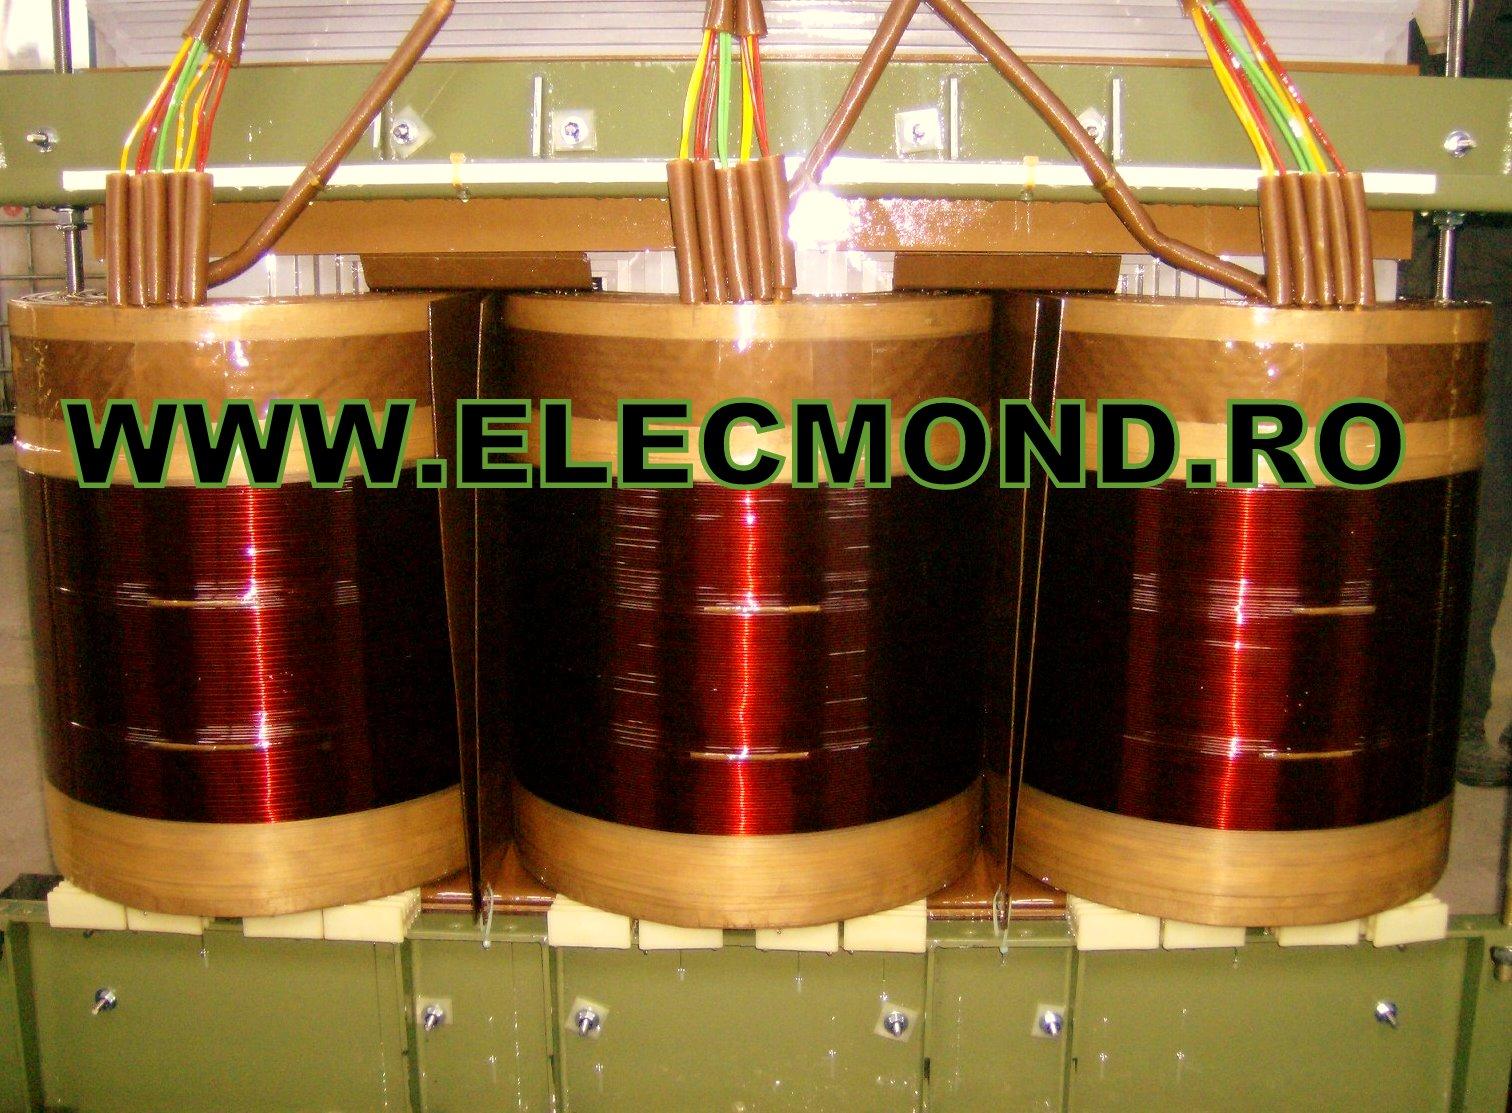 Reparatii transformatoare , reparatie transformator , transformator cupru , infasurari cupru , rebobinare transformator , reparatie capitala transformator , transformator bobinaj cupru